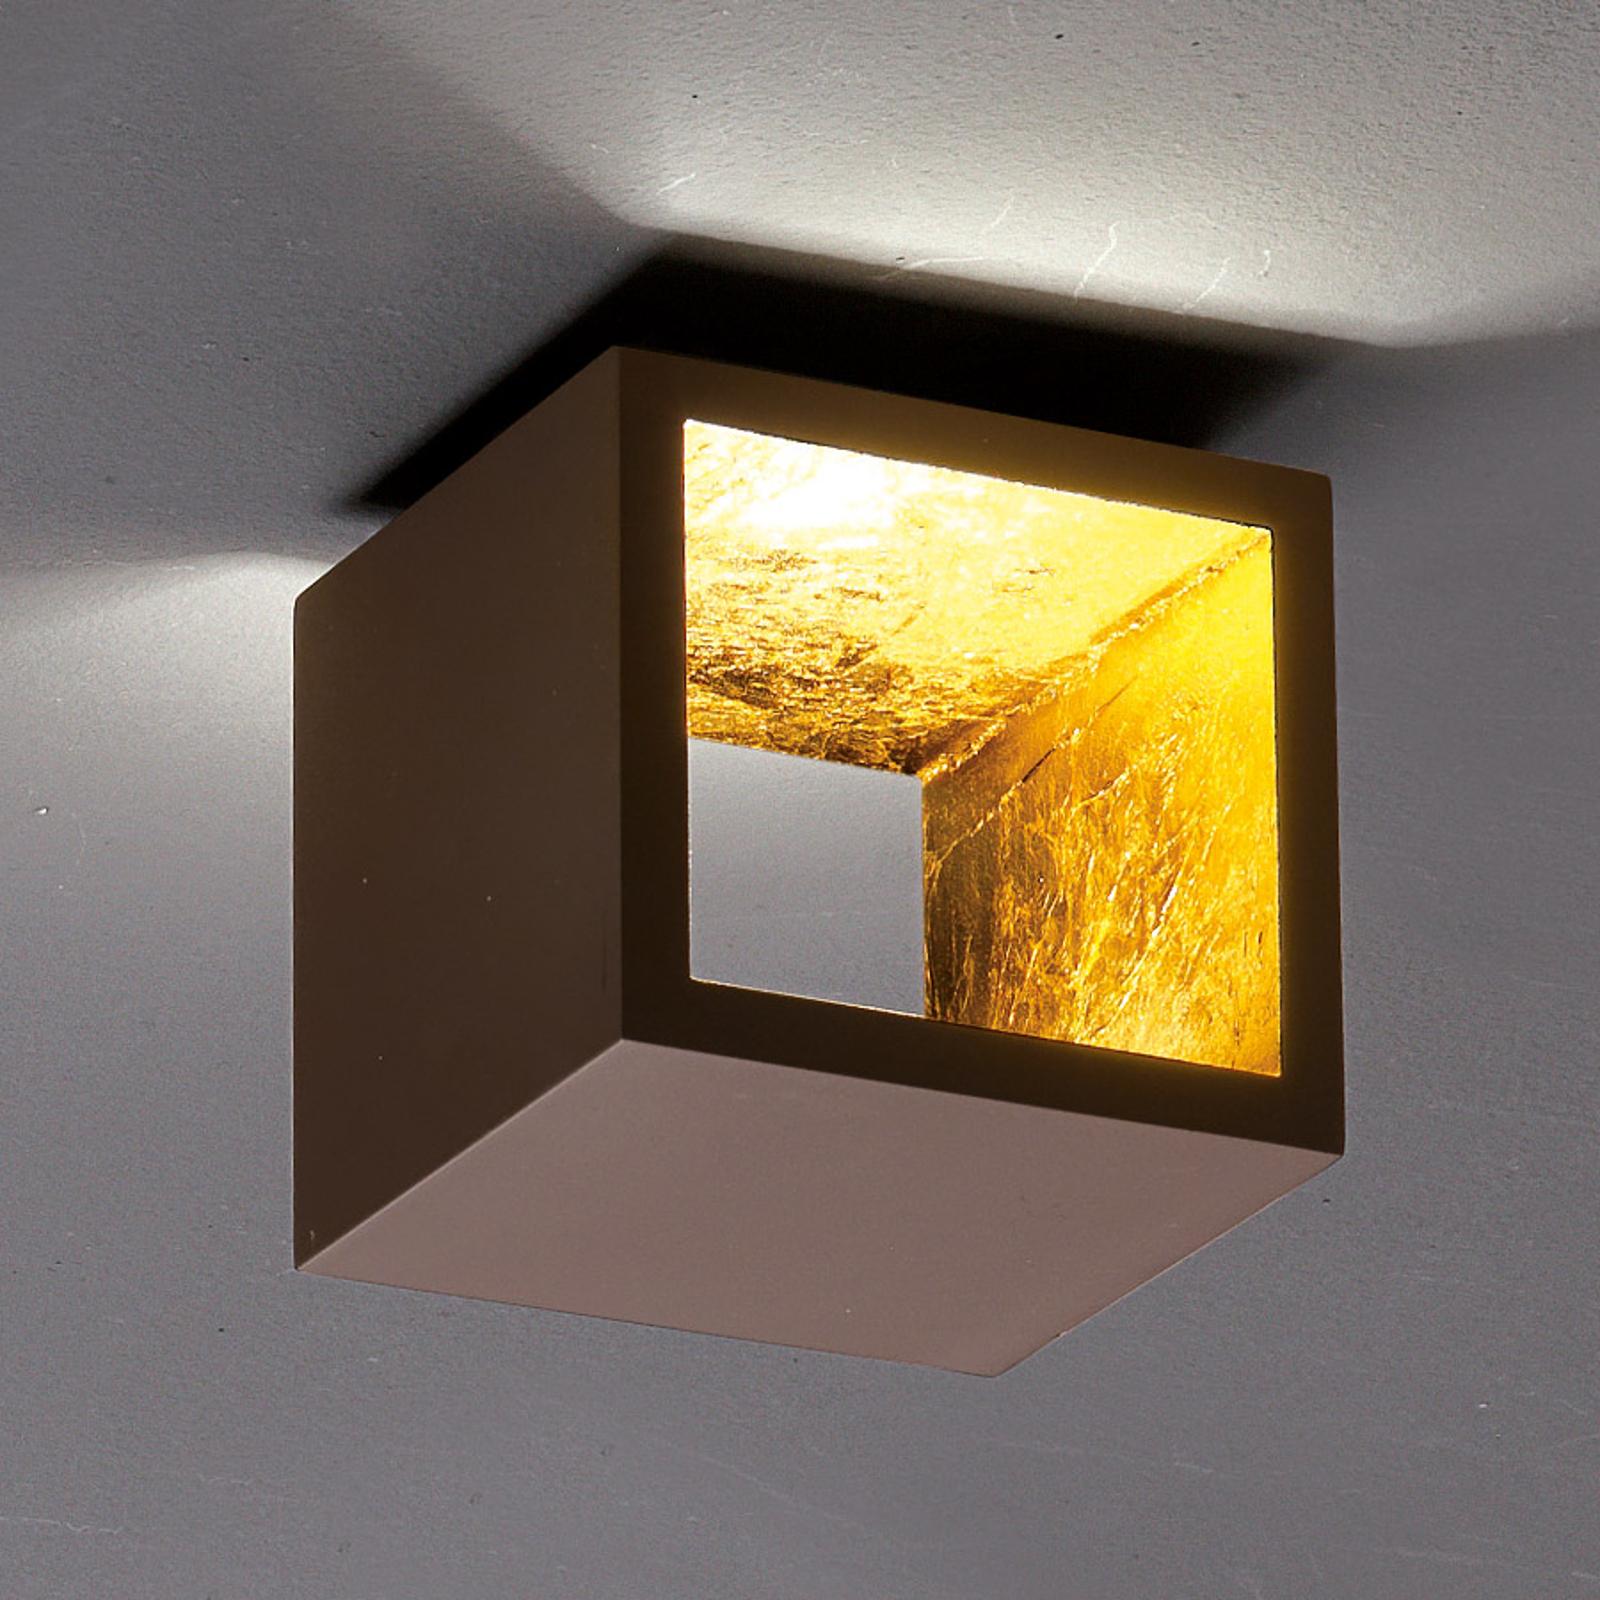 ICONE Cubò - LED-Deckenleuchte, 10 W, braun/gold